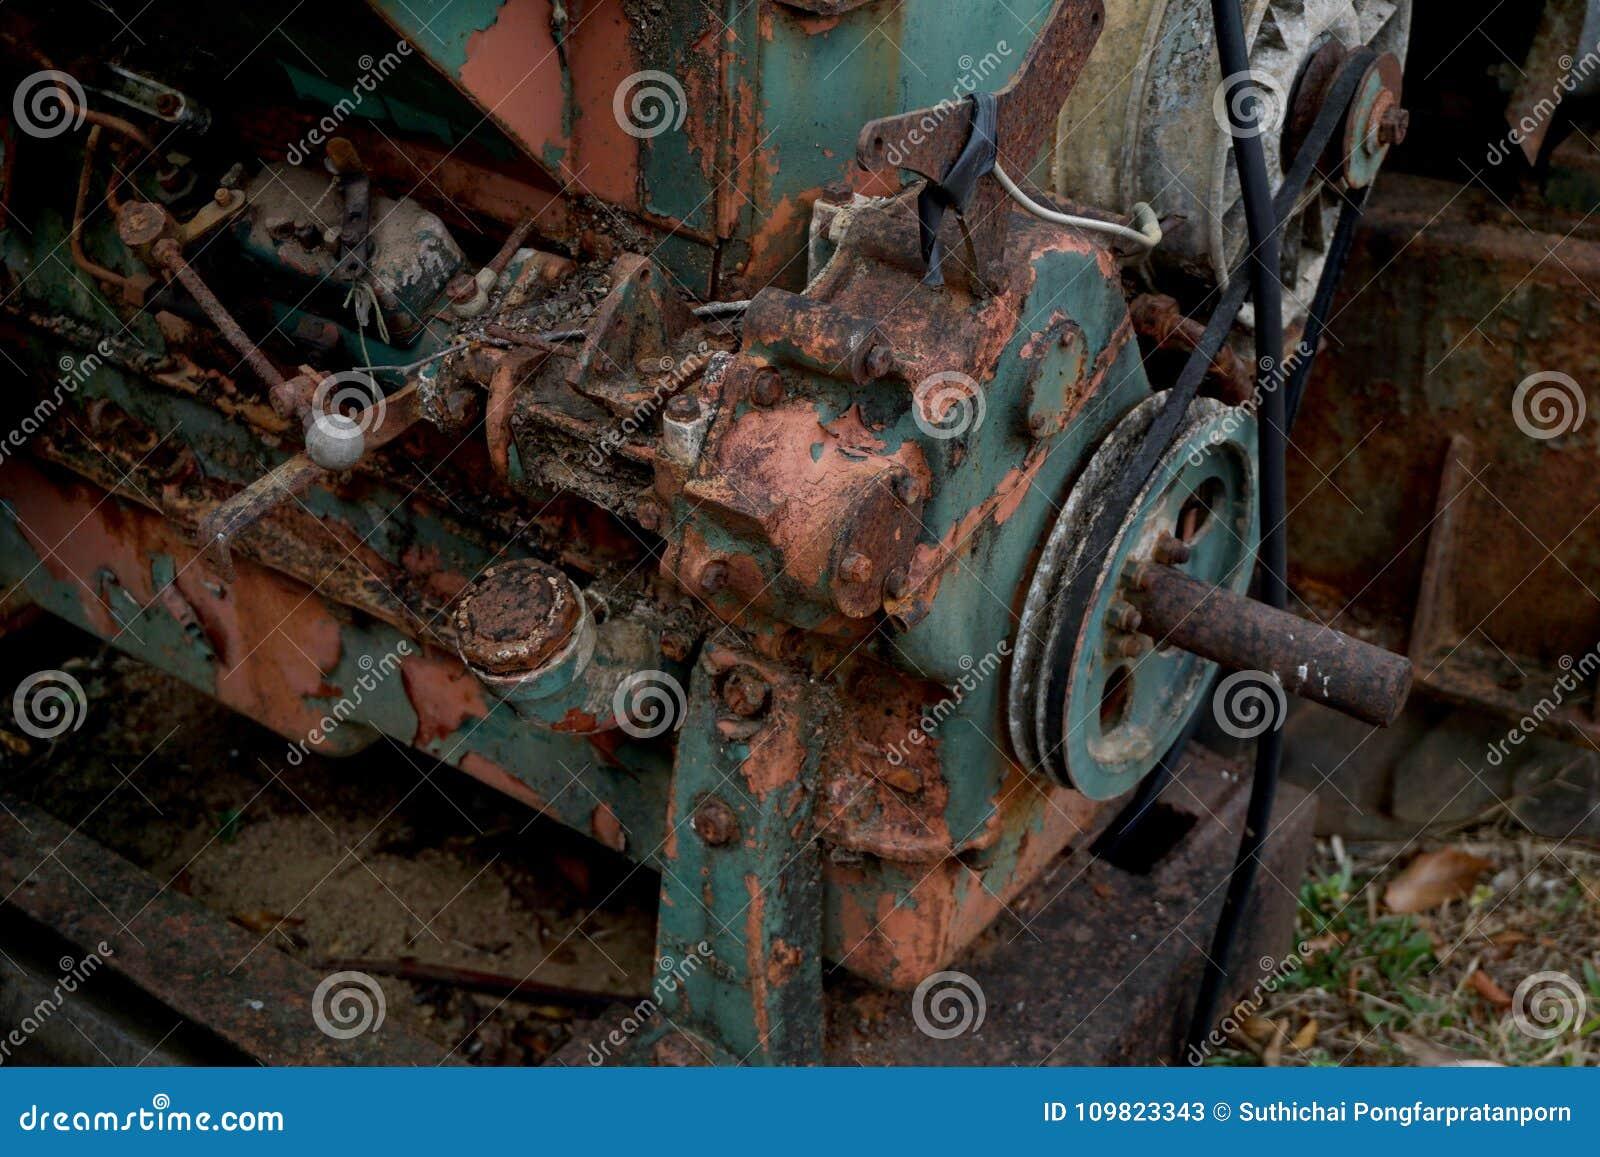 Imagen del grano: Ciérrese para arriba de la máquina vieja hecha en fábrica del acero y usada en la última máquina rota y rústica